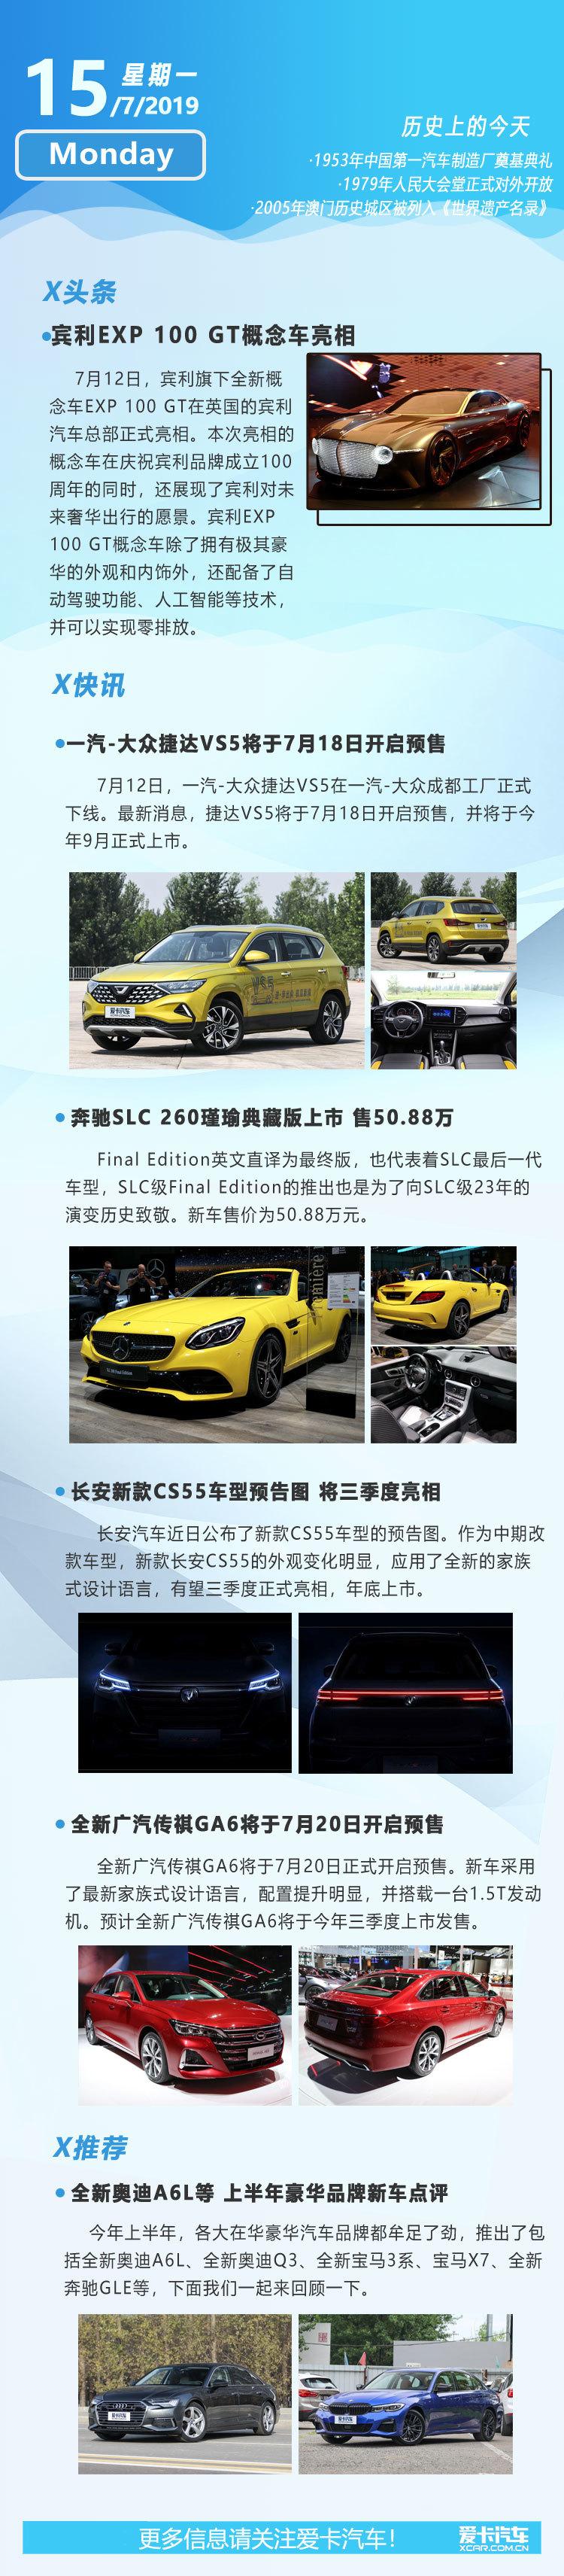 7月15日早报 捷达VS5全新广汽传祺GA6